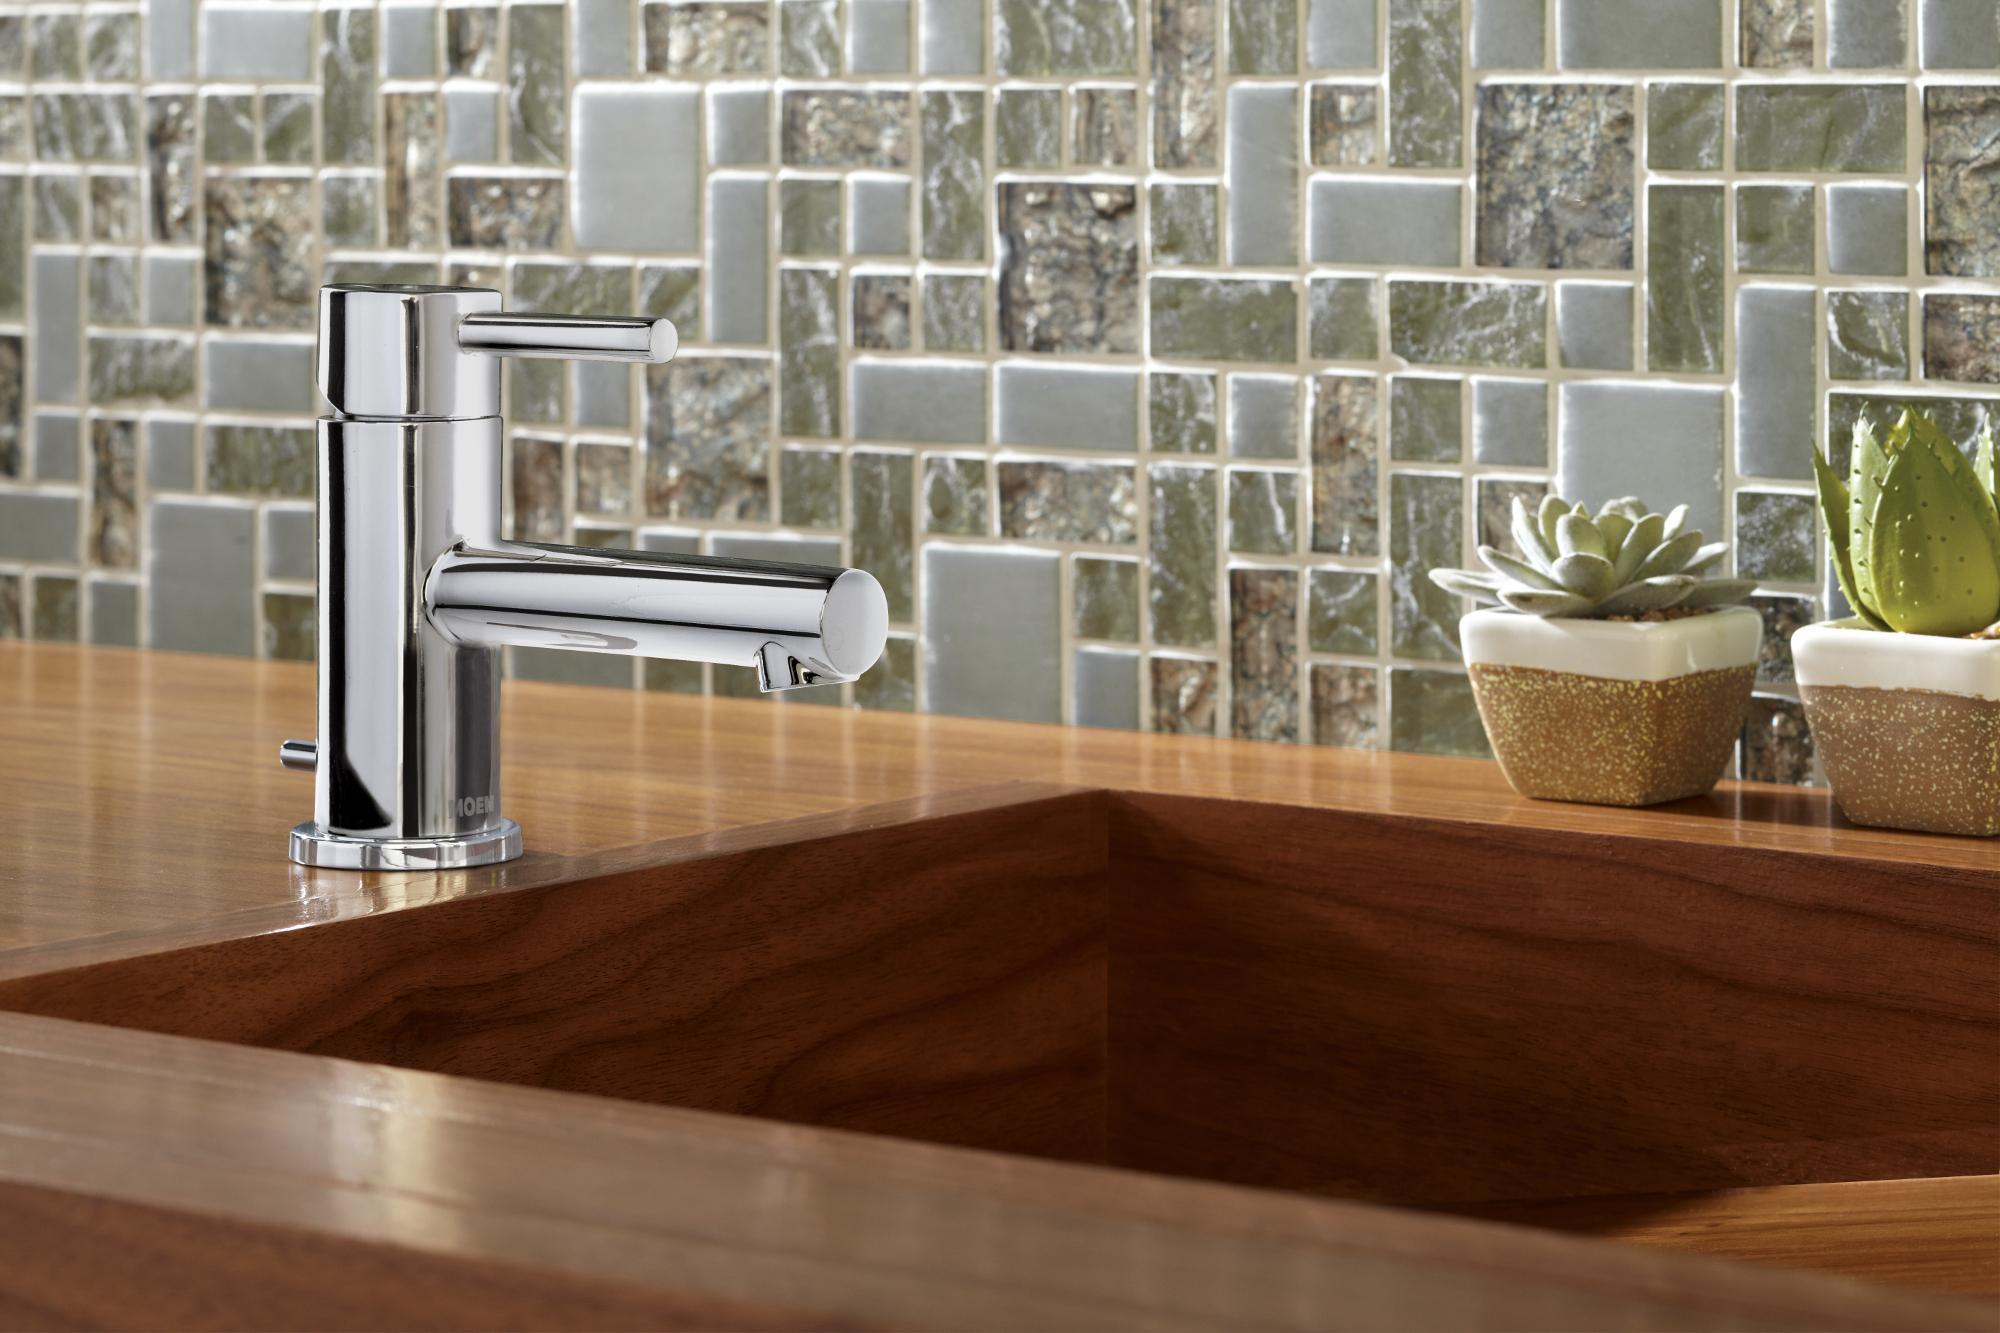 Low Profile Kitchen Faucet Home Design Ideas